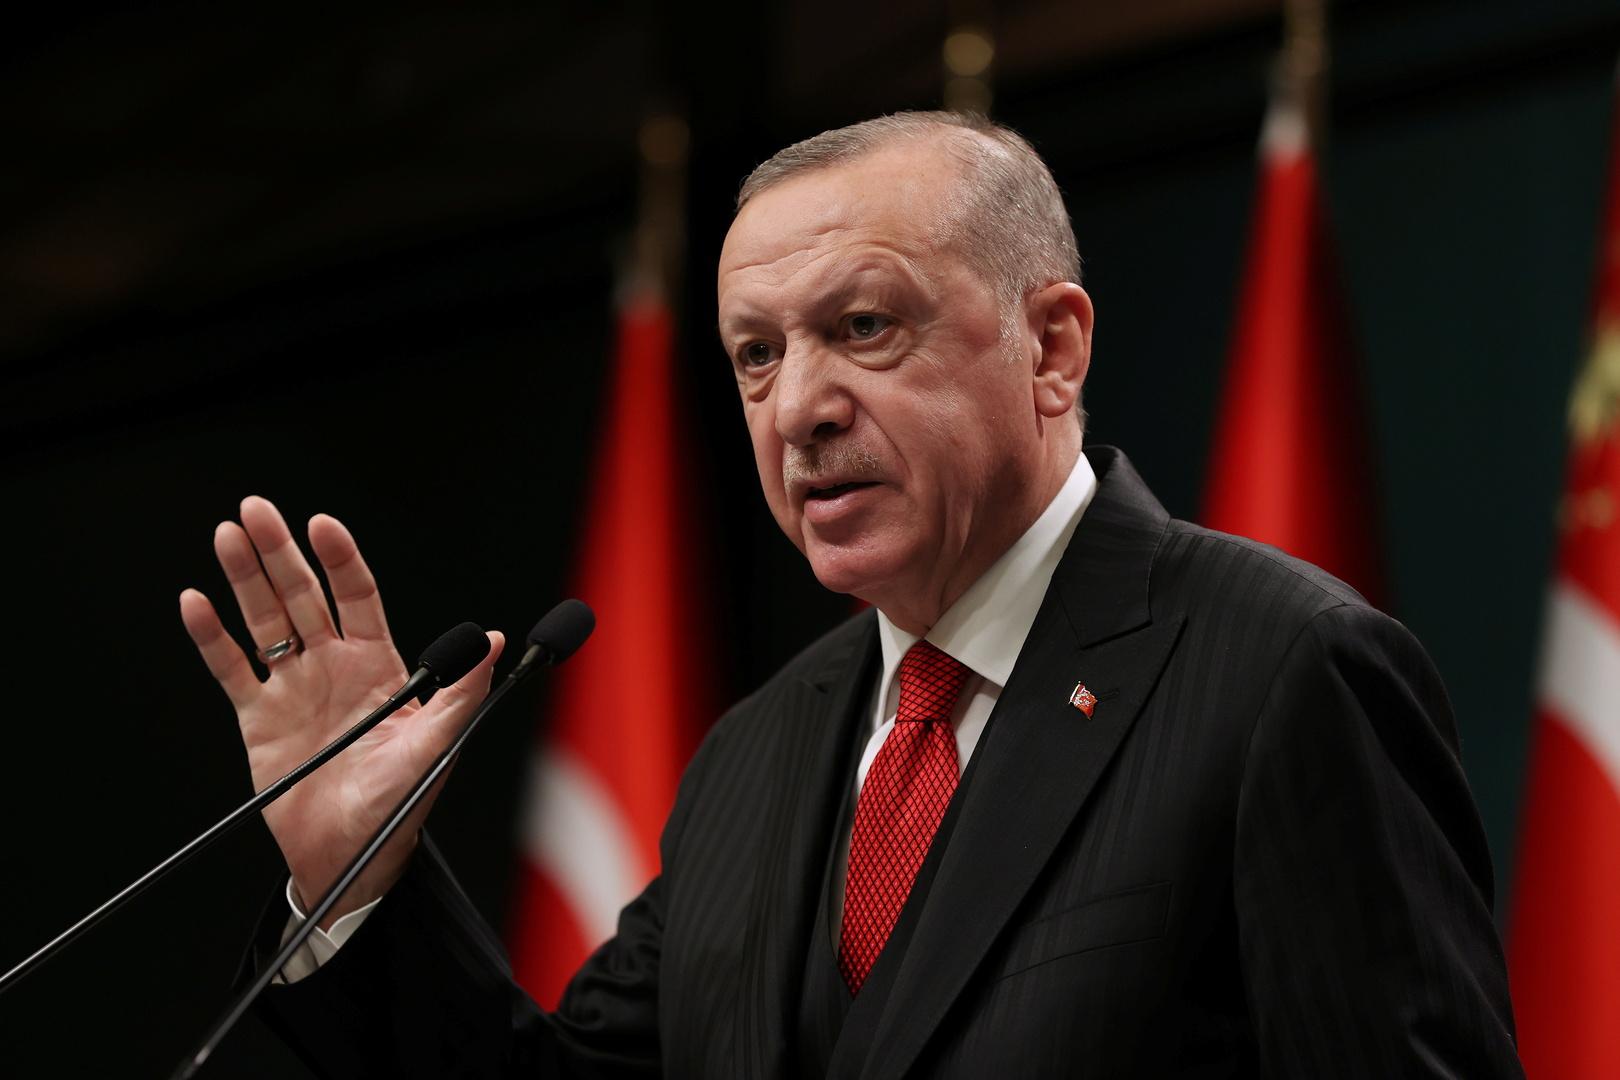 أردوغان يعلن عن استعداد بلاده لتطبيع العلاقات مع أرمينيا